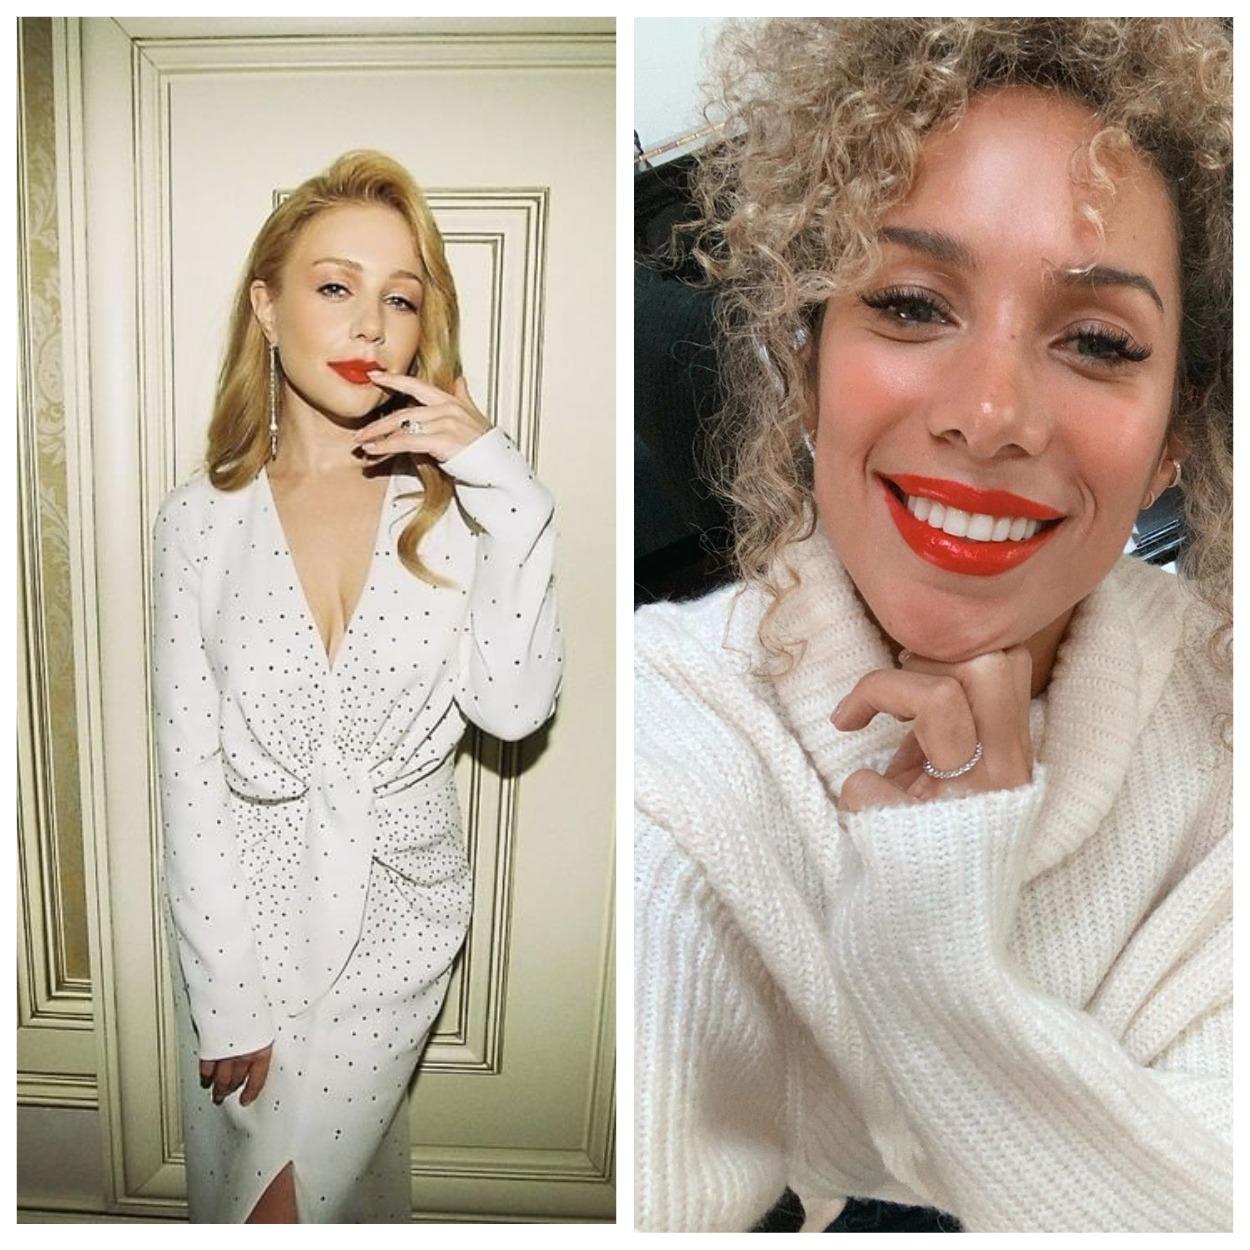 Кто краше?: Тина Кароль и Леона Льюис надели одинаковые платья